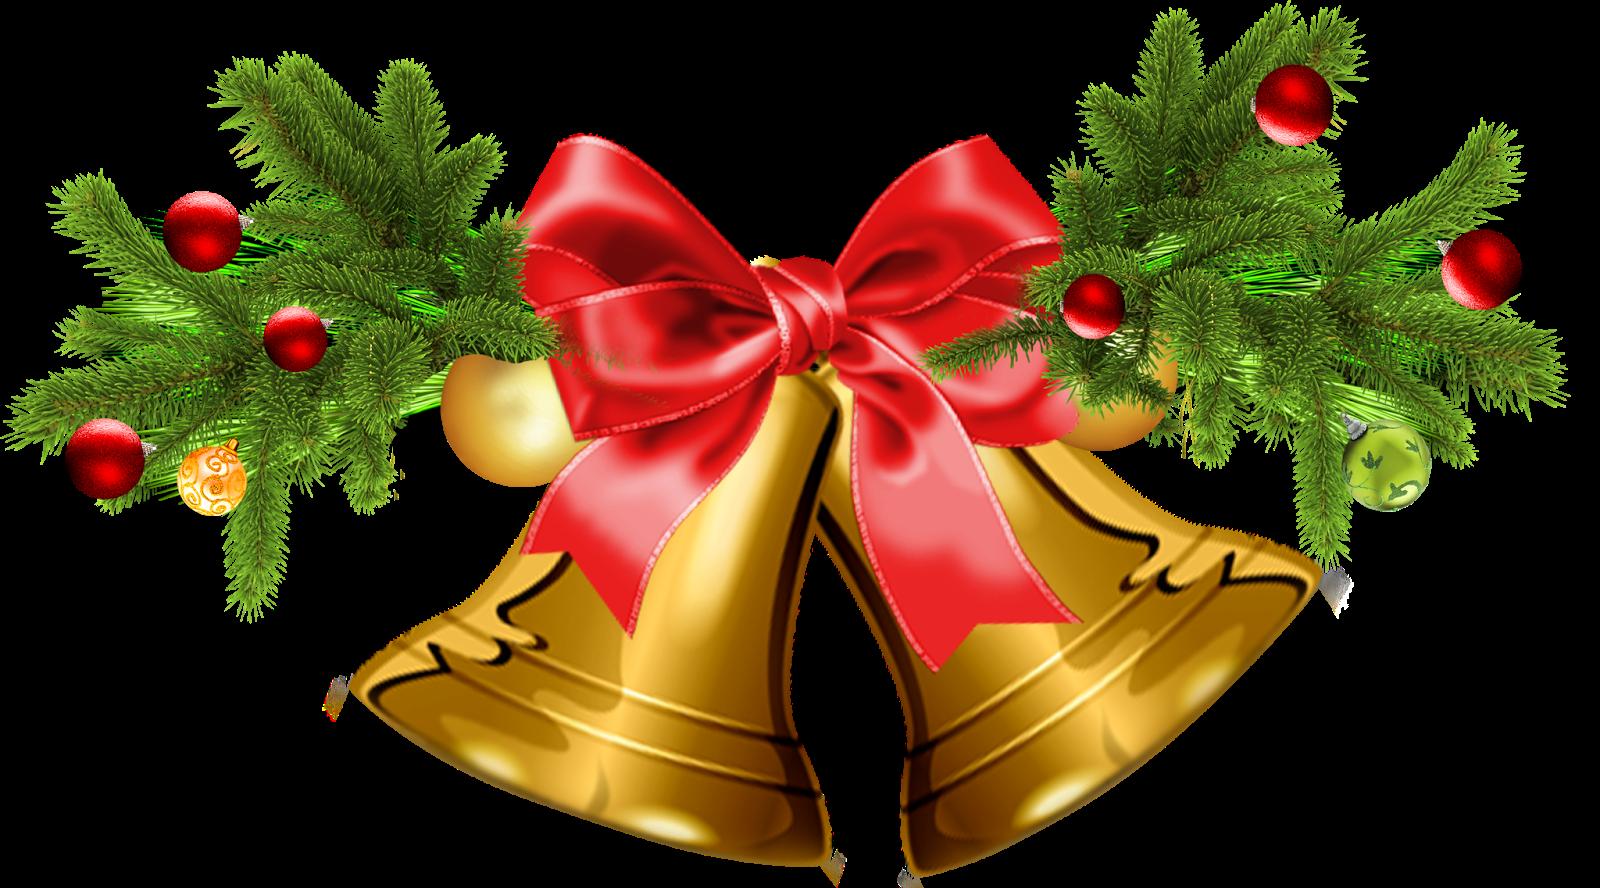 Adornos De Navidad Imagenes Decoracin Del Hogar Prosalocom